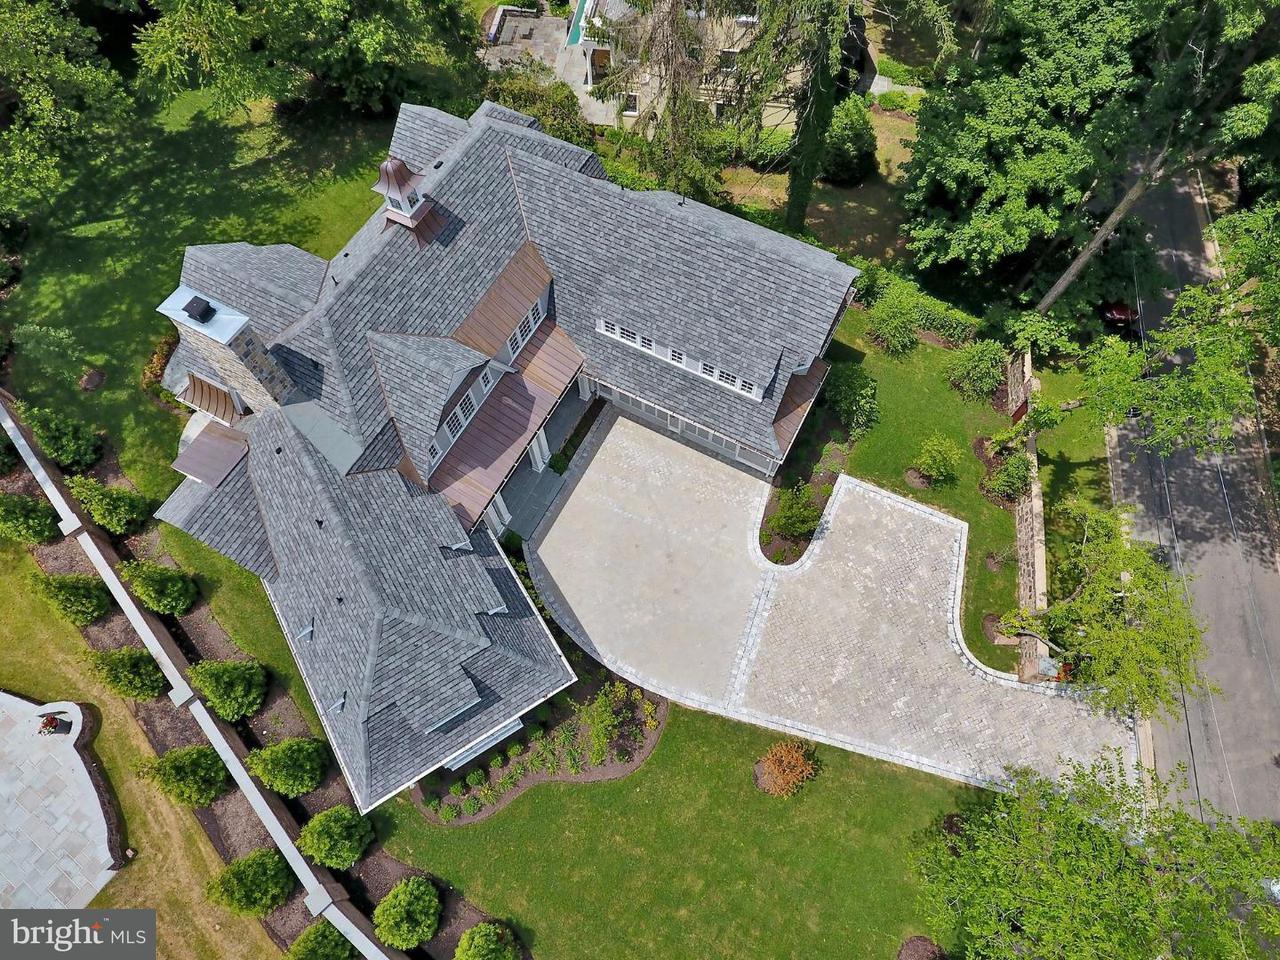 단독 가정 주택 용 매매 에 70 LAFAYETTE Princeton, 뉴저지 08540 미국에서/약: Princeton